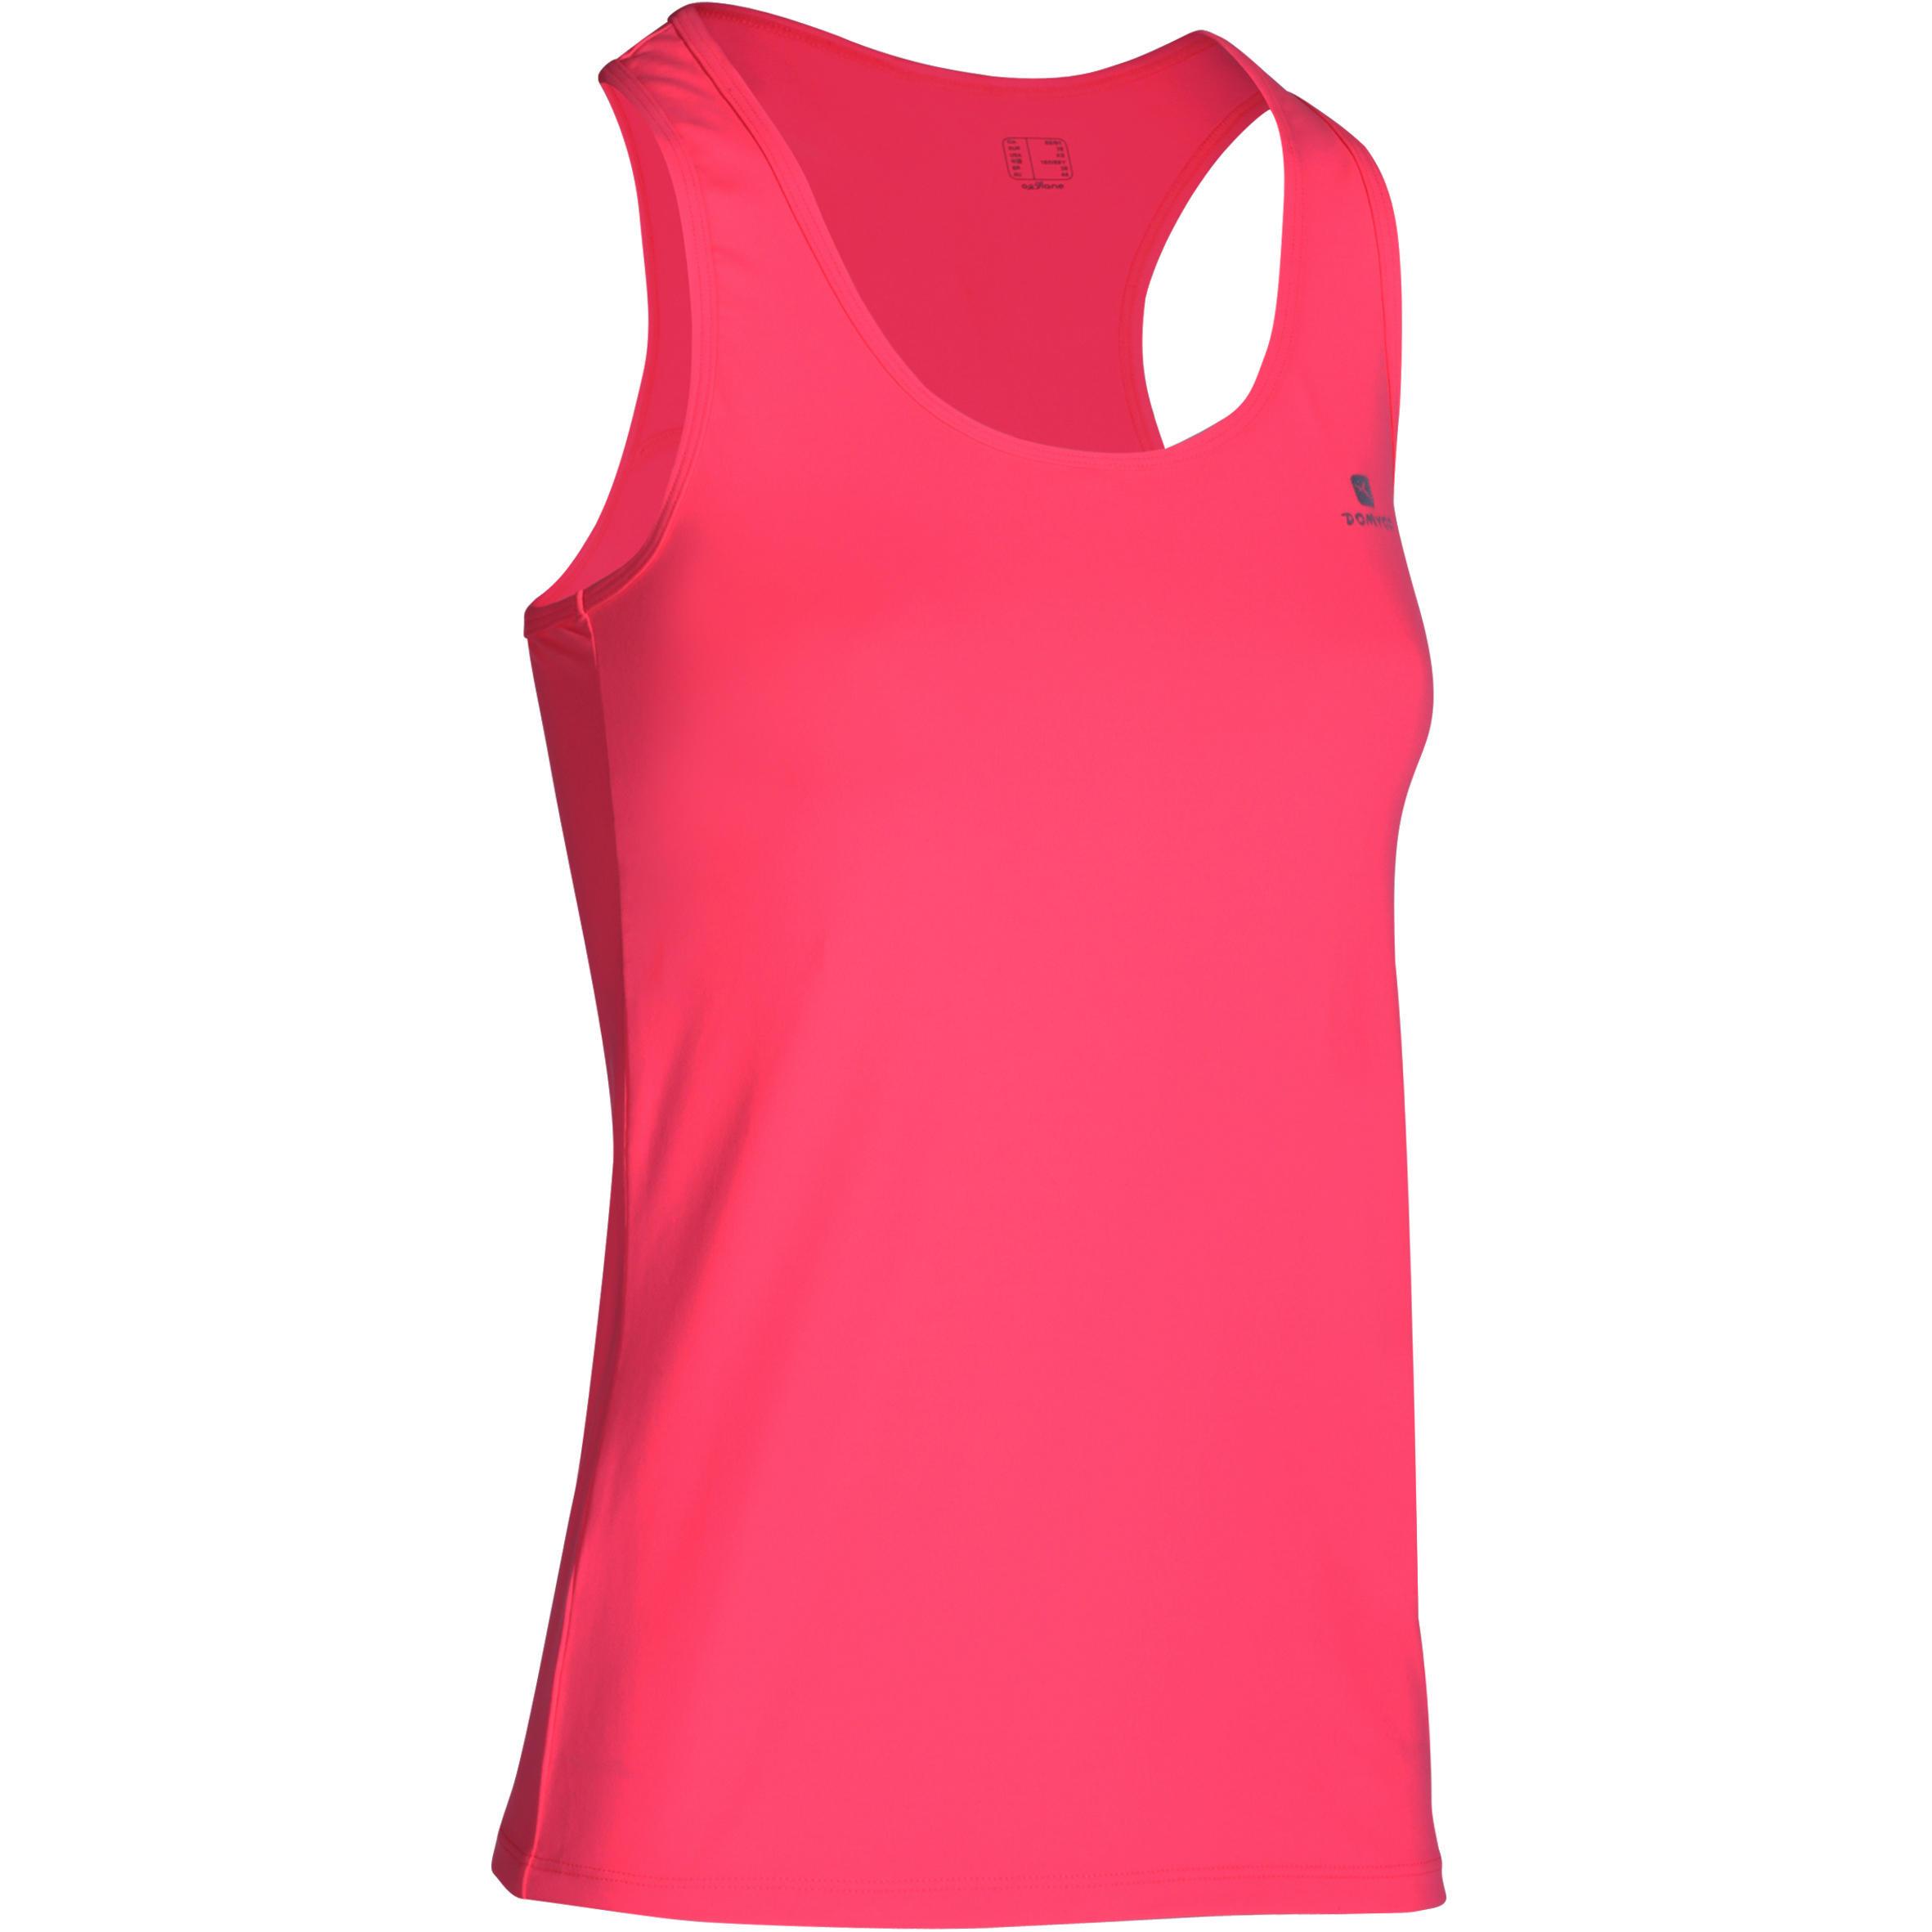 Domyos Fitness top My Top 100 voor dames